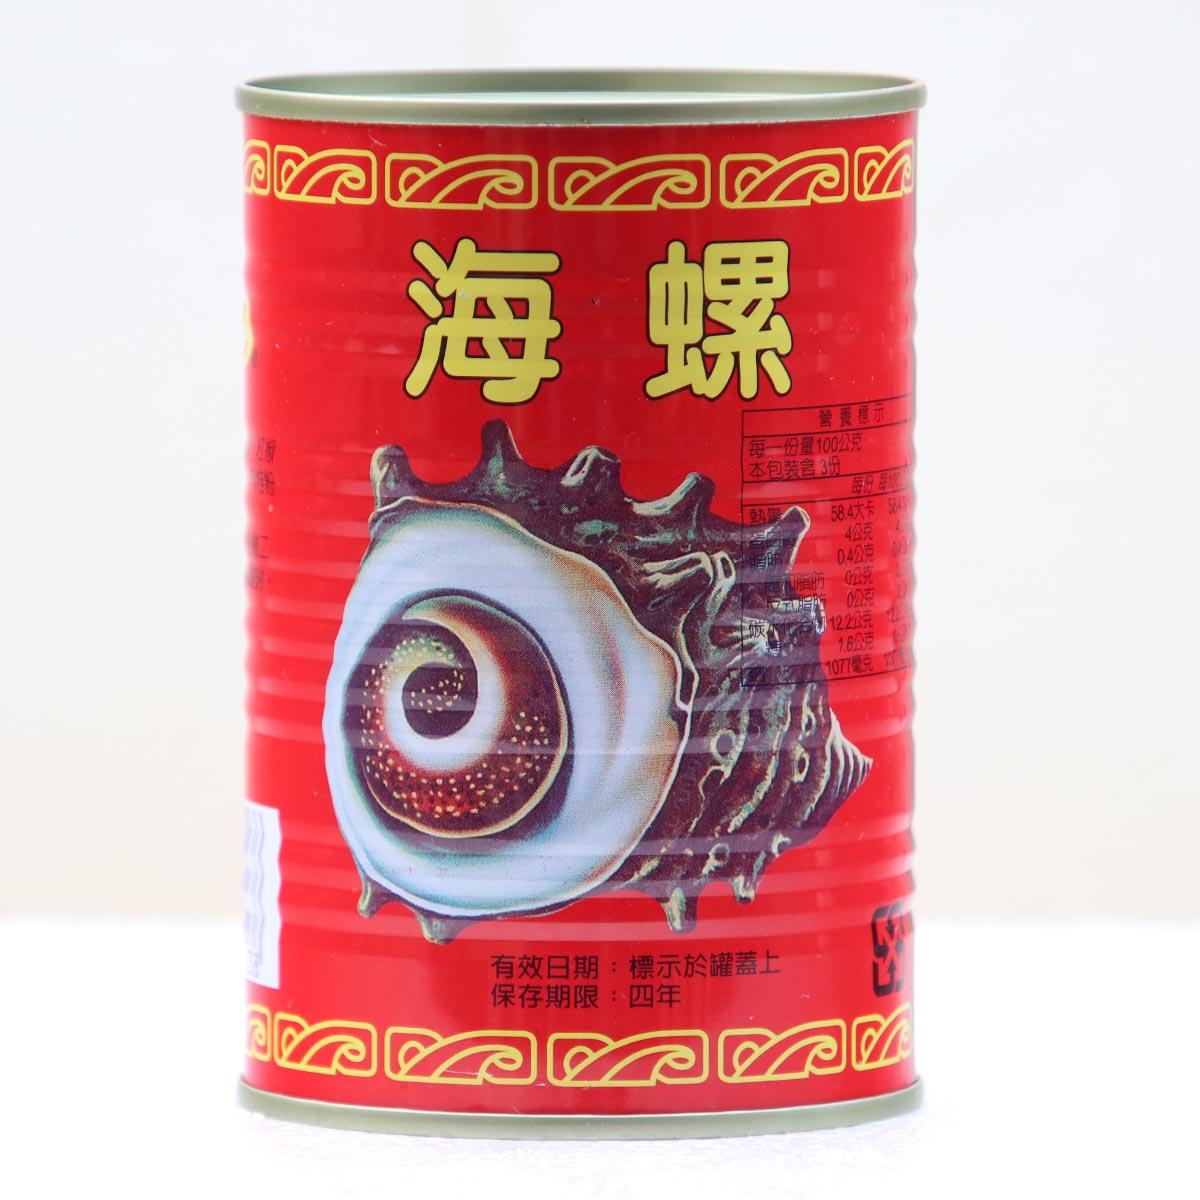 喪禮用罐頭塔-螺肉鮑魚菇6x9綜合禮籃